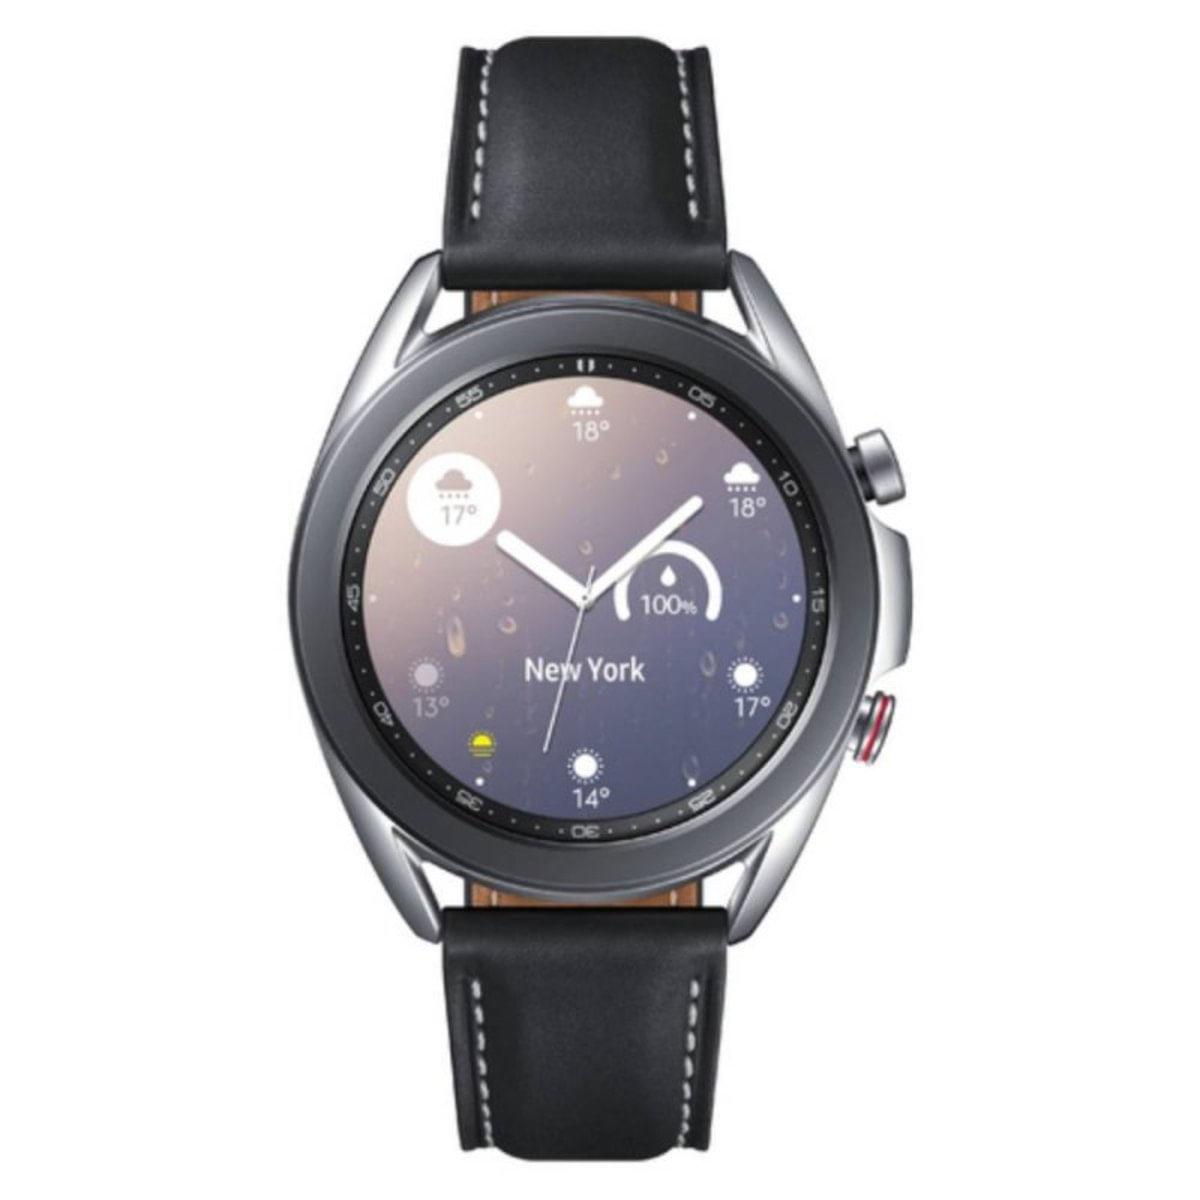 Imagem de Smartwatch Samsung Galaxy Watch 3 LTE 41mm